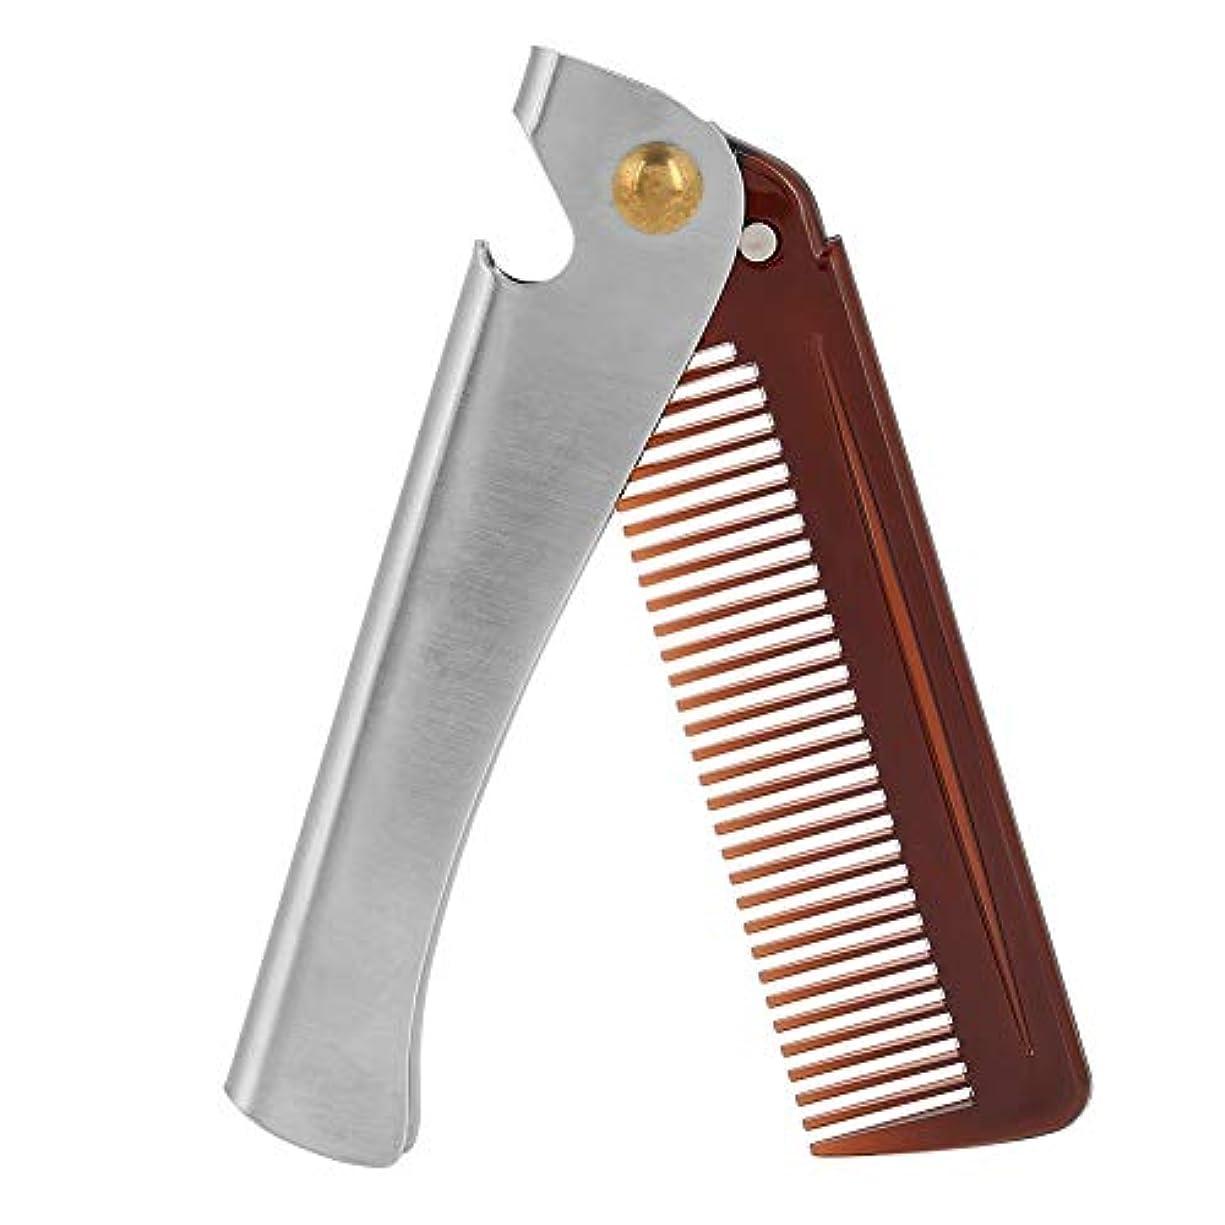 靴重要な首尾一貫したひげの櫛 Dewin 髭櫛 口ひげツール 折りたたみ式櫛